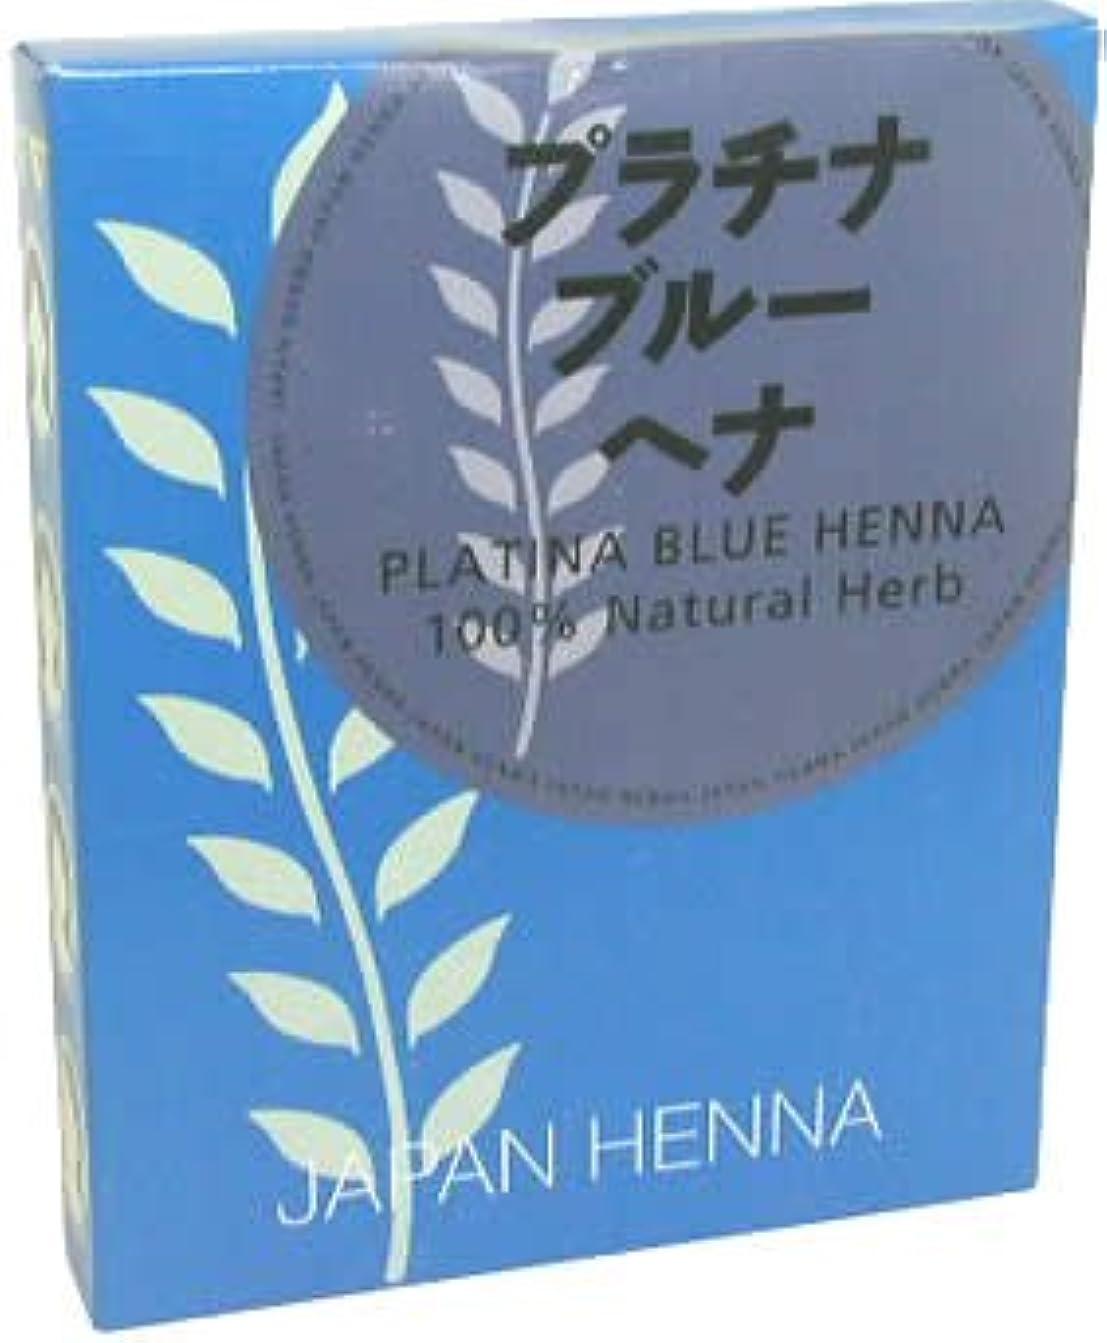 確率陽気な遵守するジャパンヘナ 天然100% ヘナパウダー プラチナブルー 100g 手袋入り B-7 白髪染め